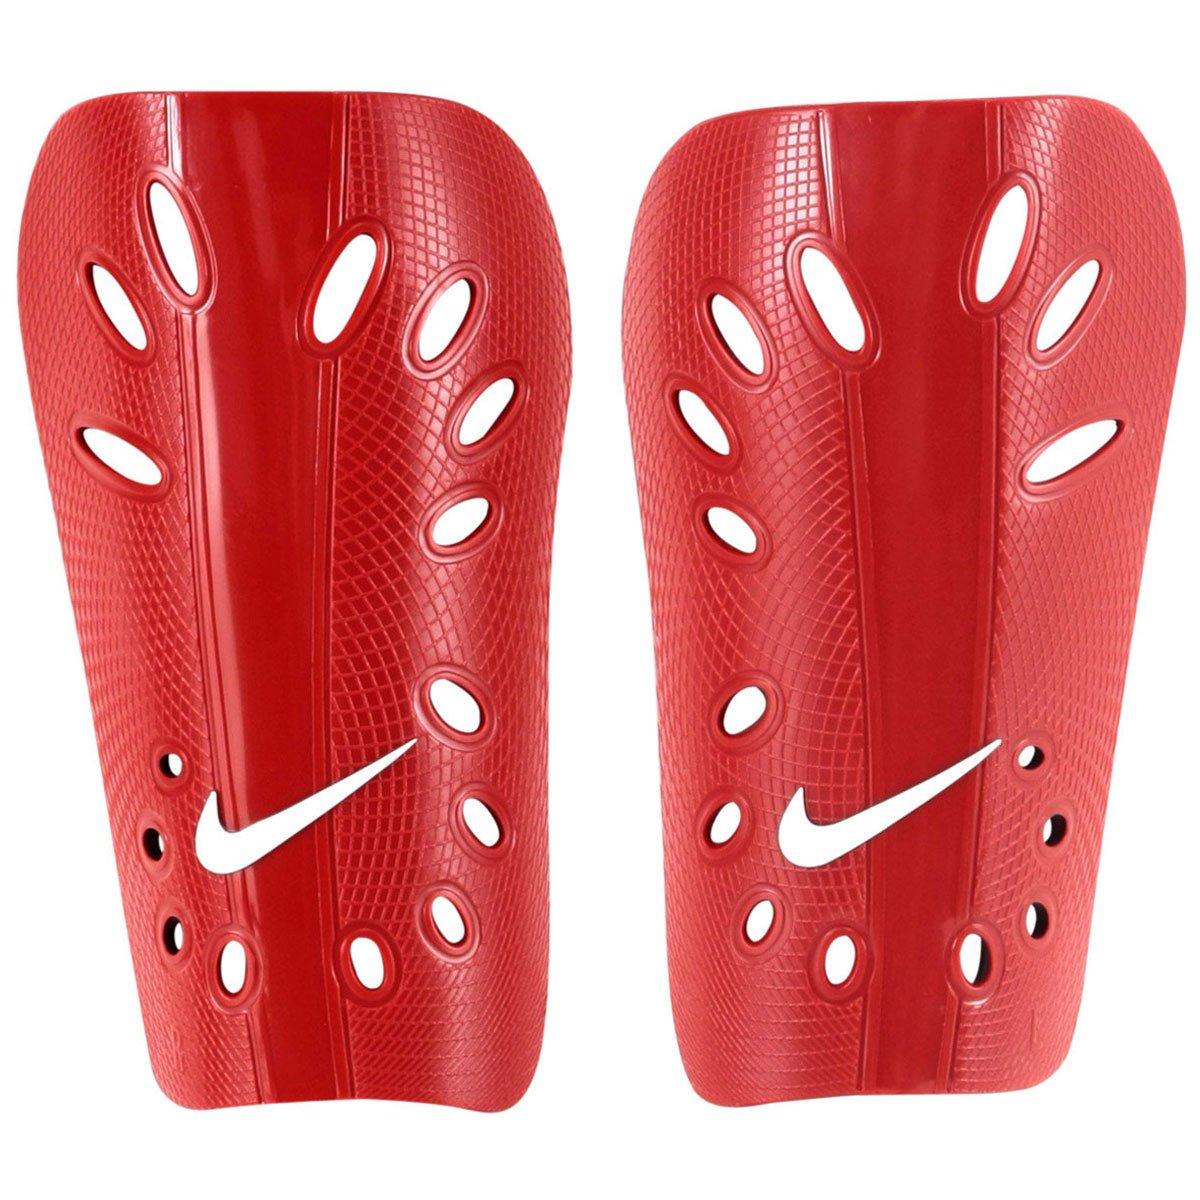 1ceb733ac4 Caneleira Futebol Nike J Guard - Vermelho e Branco - Compre Agora ...